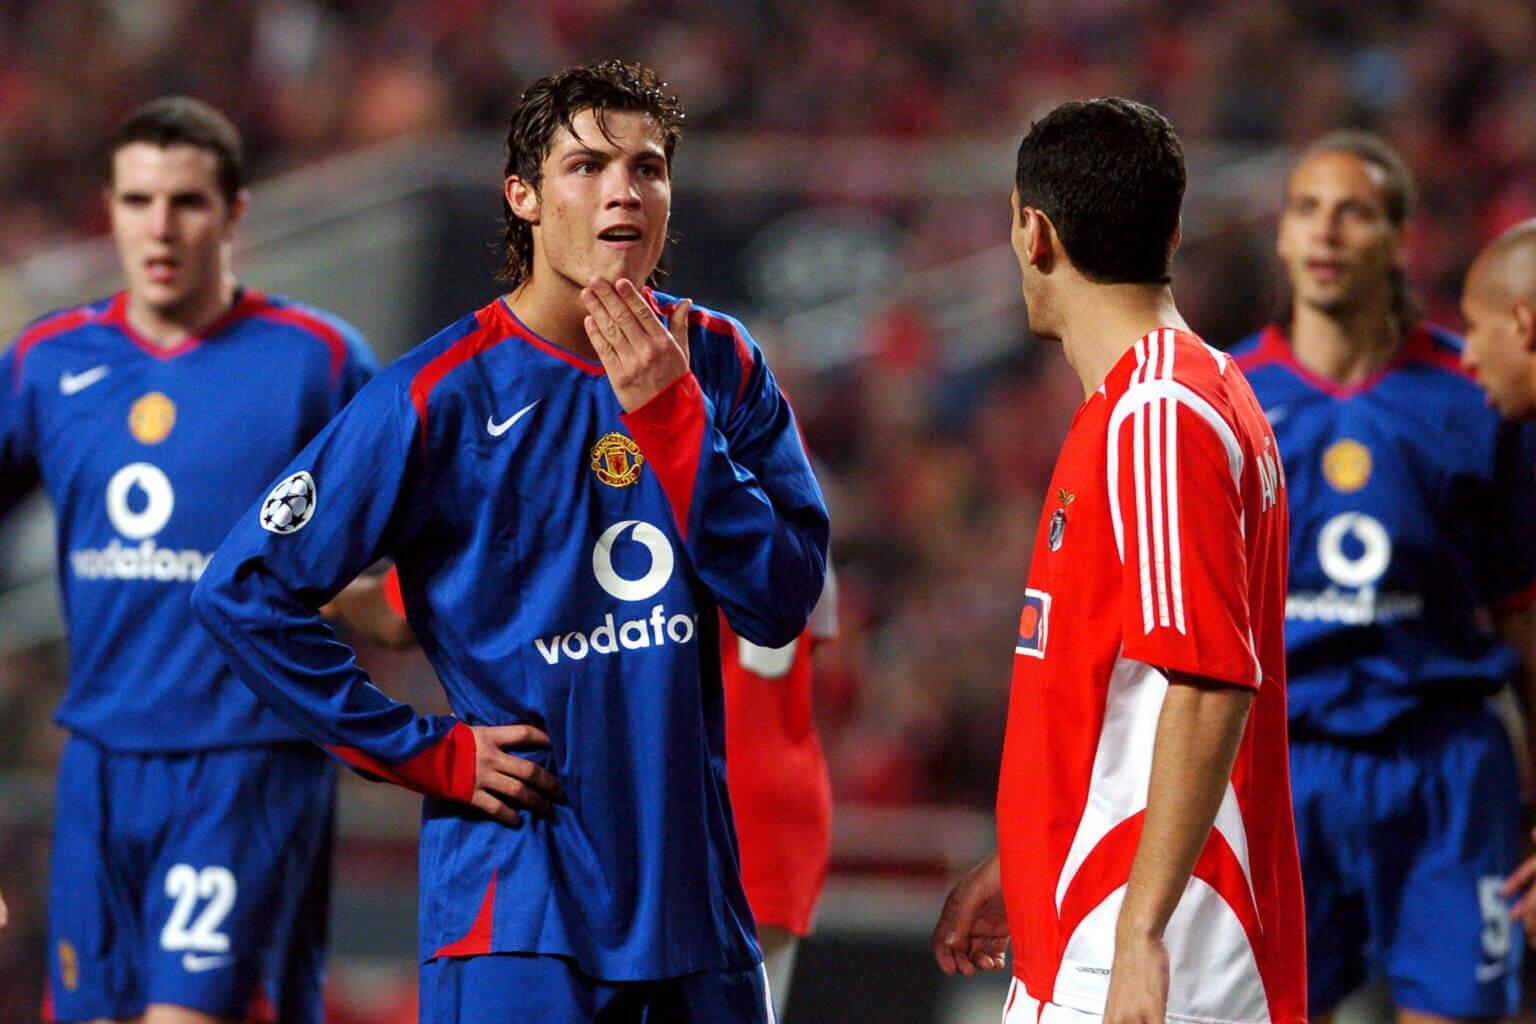 Ronaldo và sự nổi loạn trong trận thua Benfica, yếu tố khiến anh bị Sir Alex quạt vào mặt một cách hiếm hoi